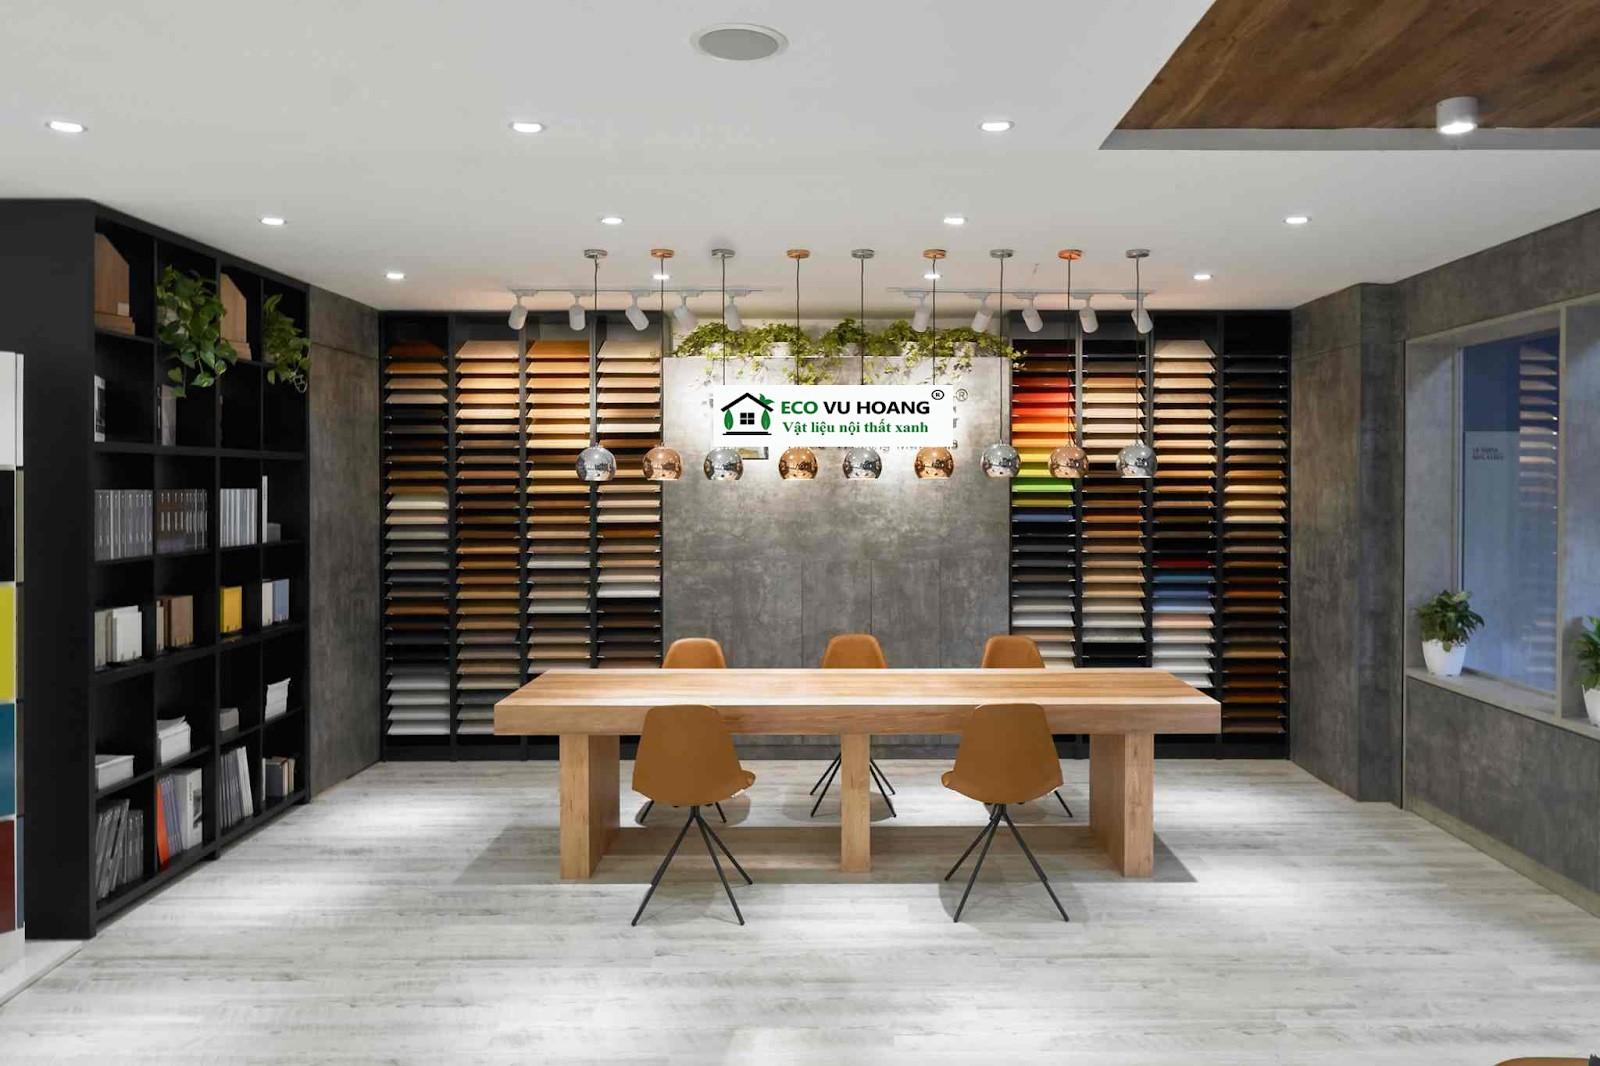 Địa chỉ cung cấp vật liệu nội thất phòng ốc, khách sạn chất lượng, uy tín